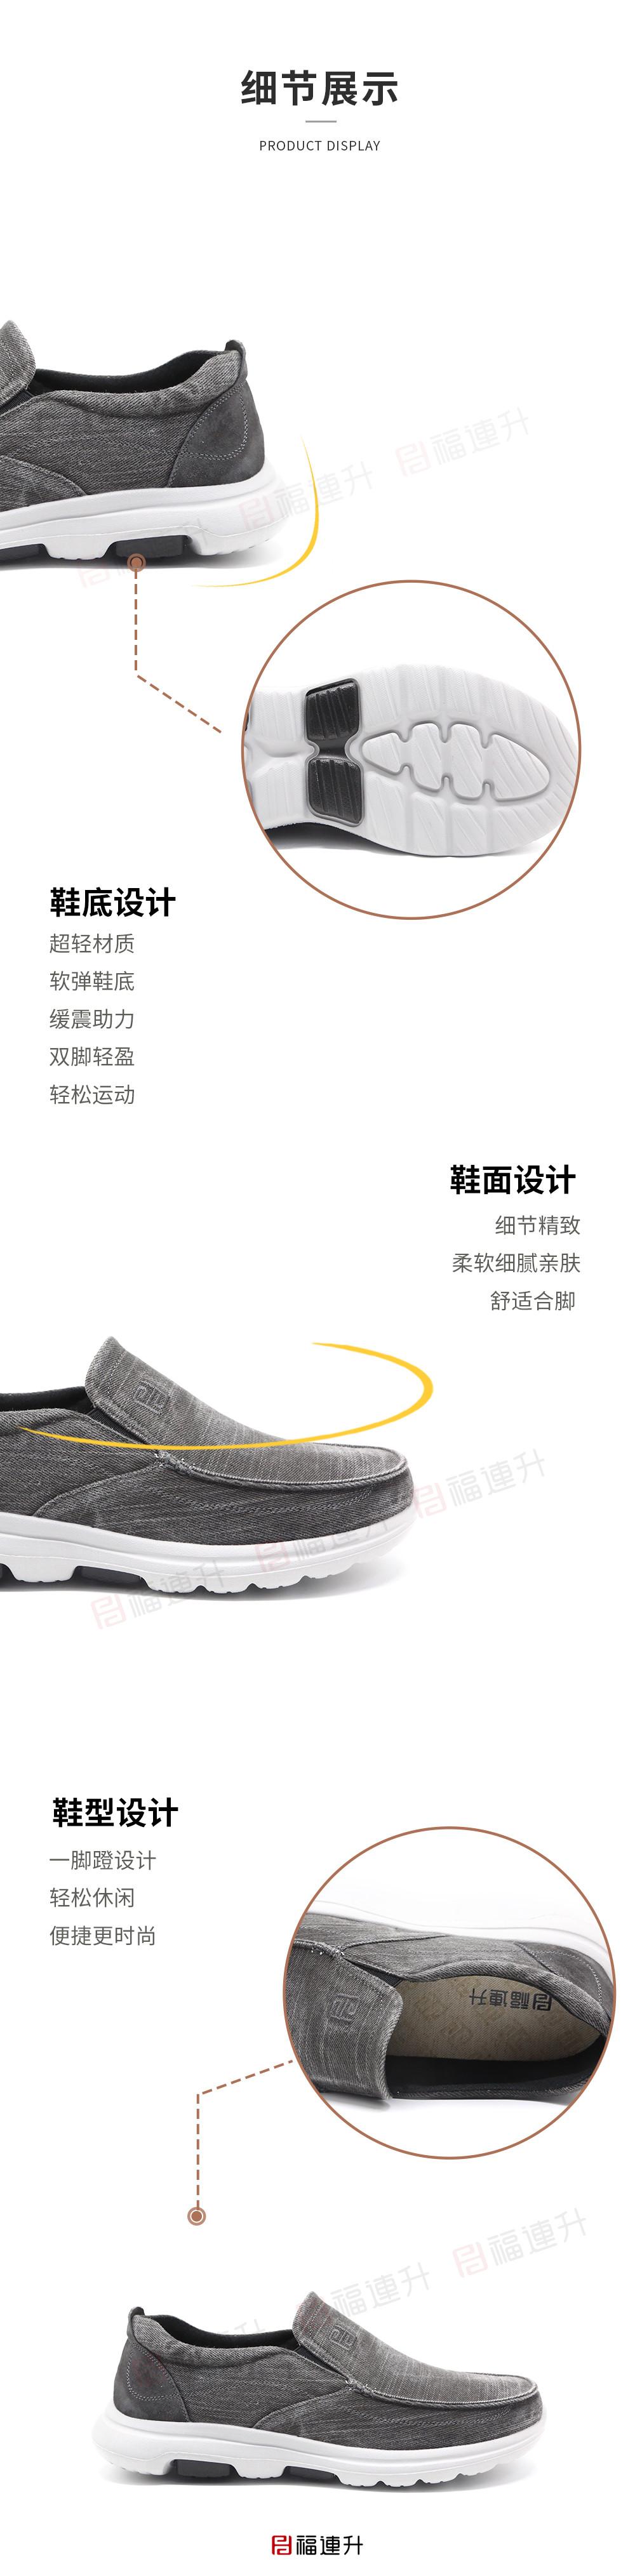 福连升秋季新款休闲鞋男鞋服装布面料轻便一脚蹬平底鞋图片